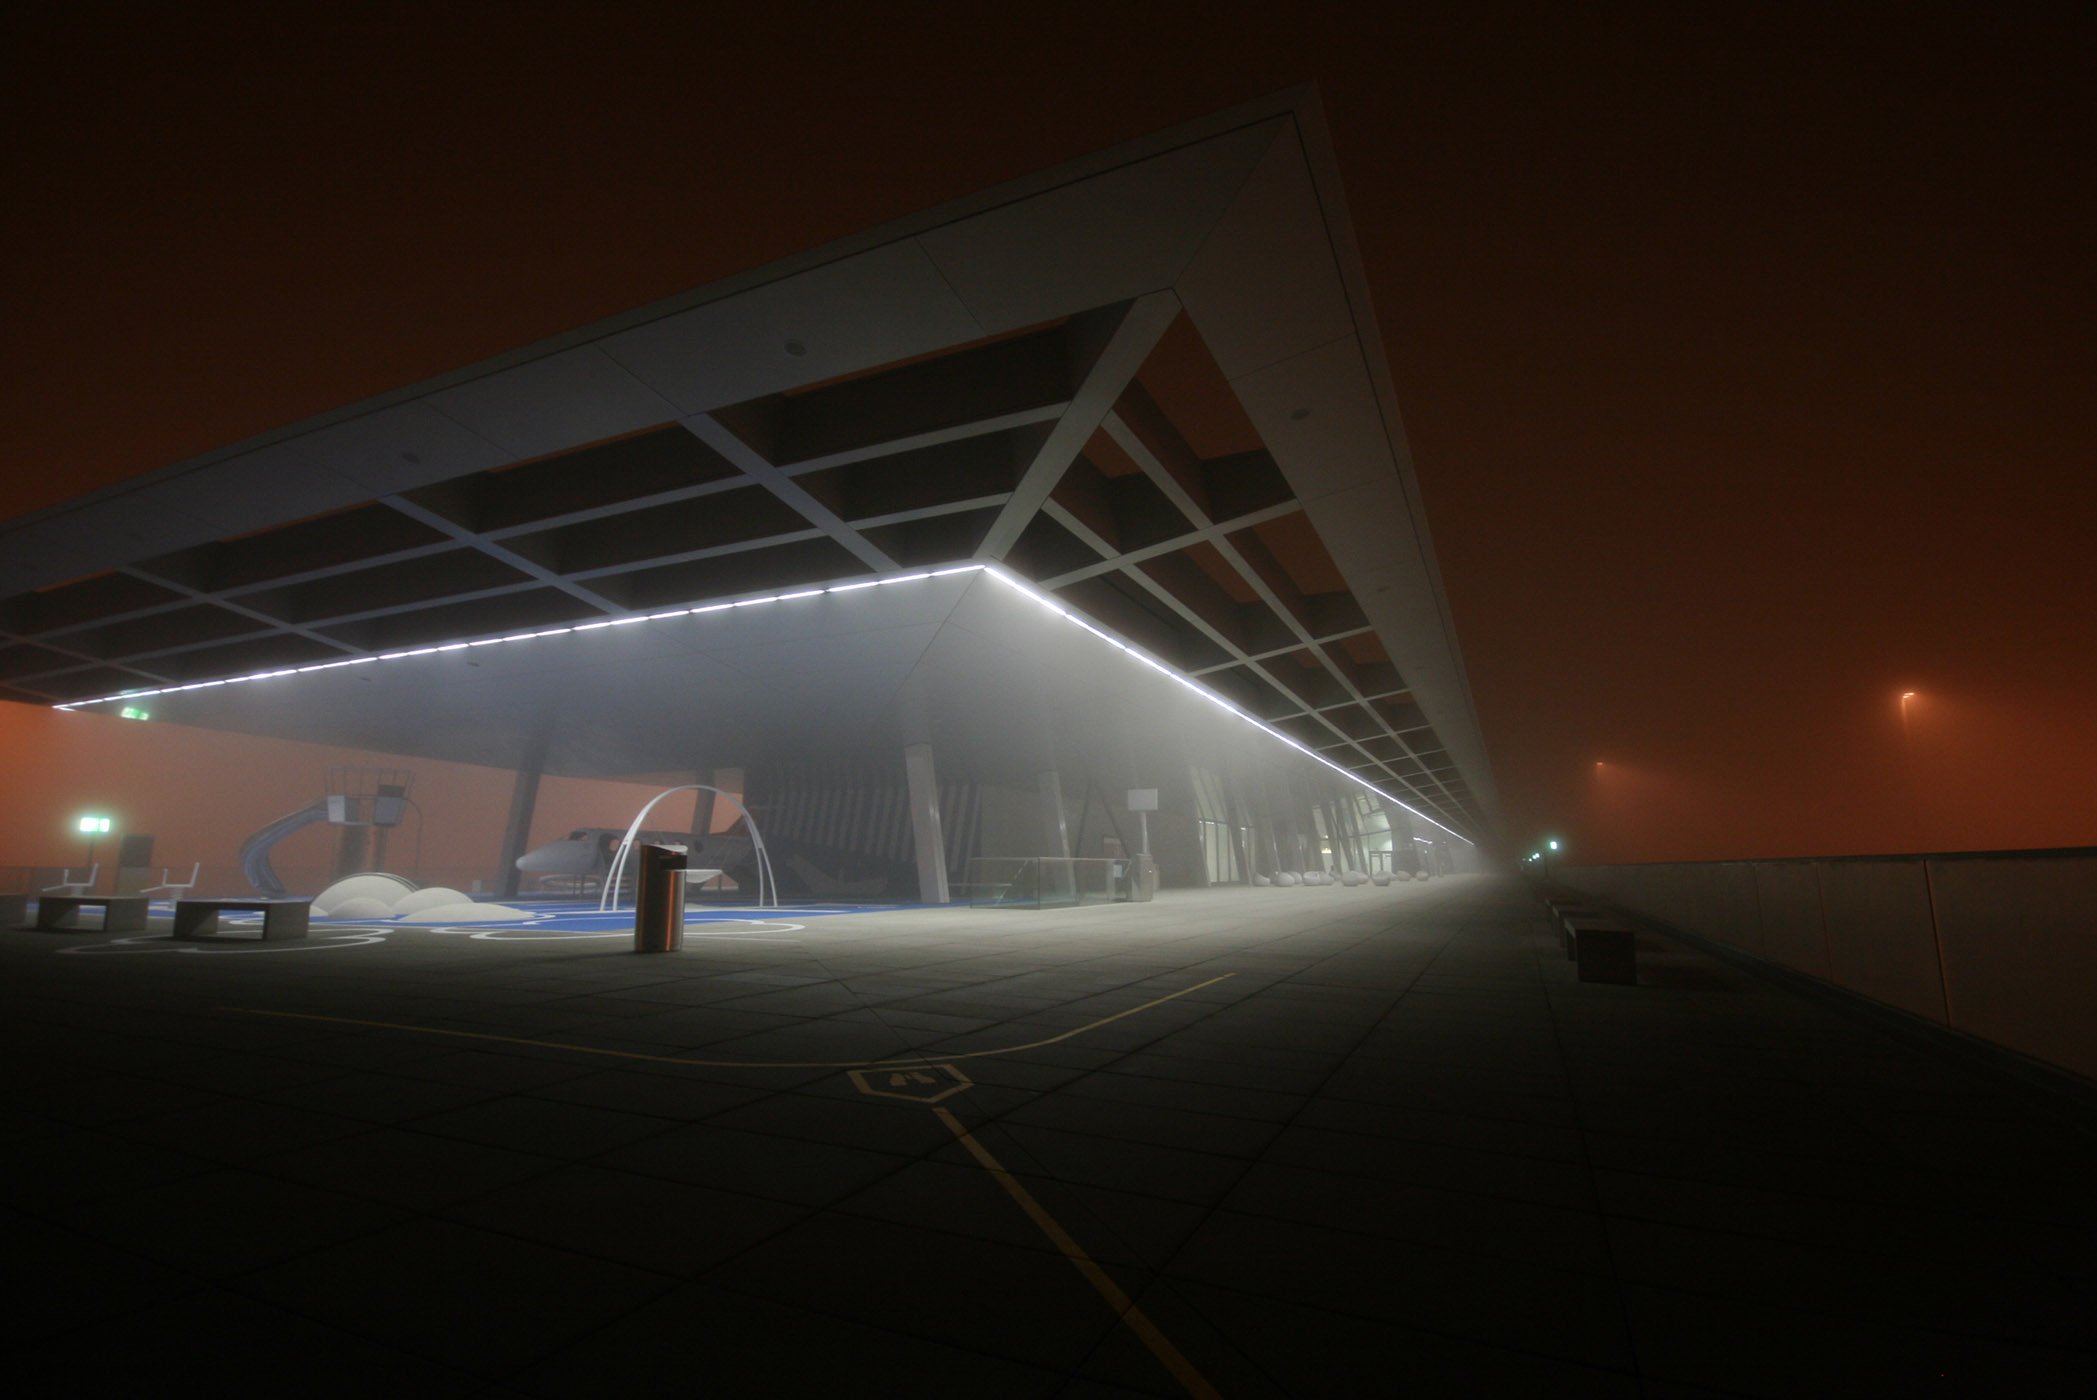 Dock b zurich airport lighting design austria